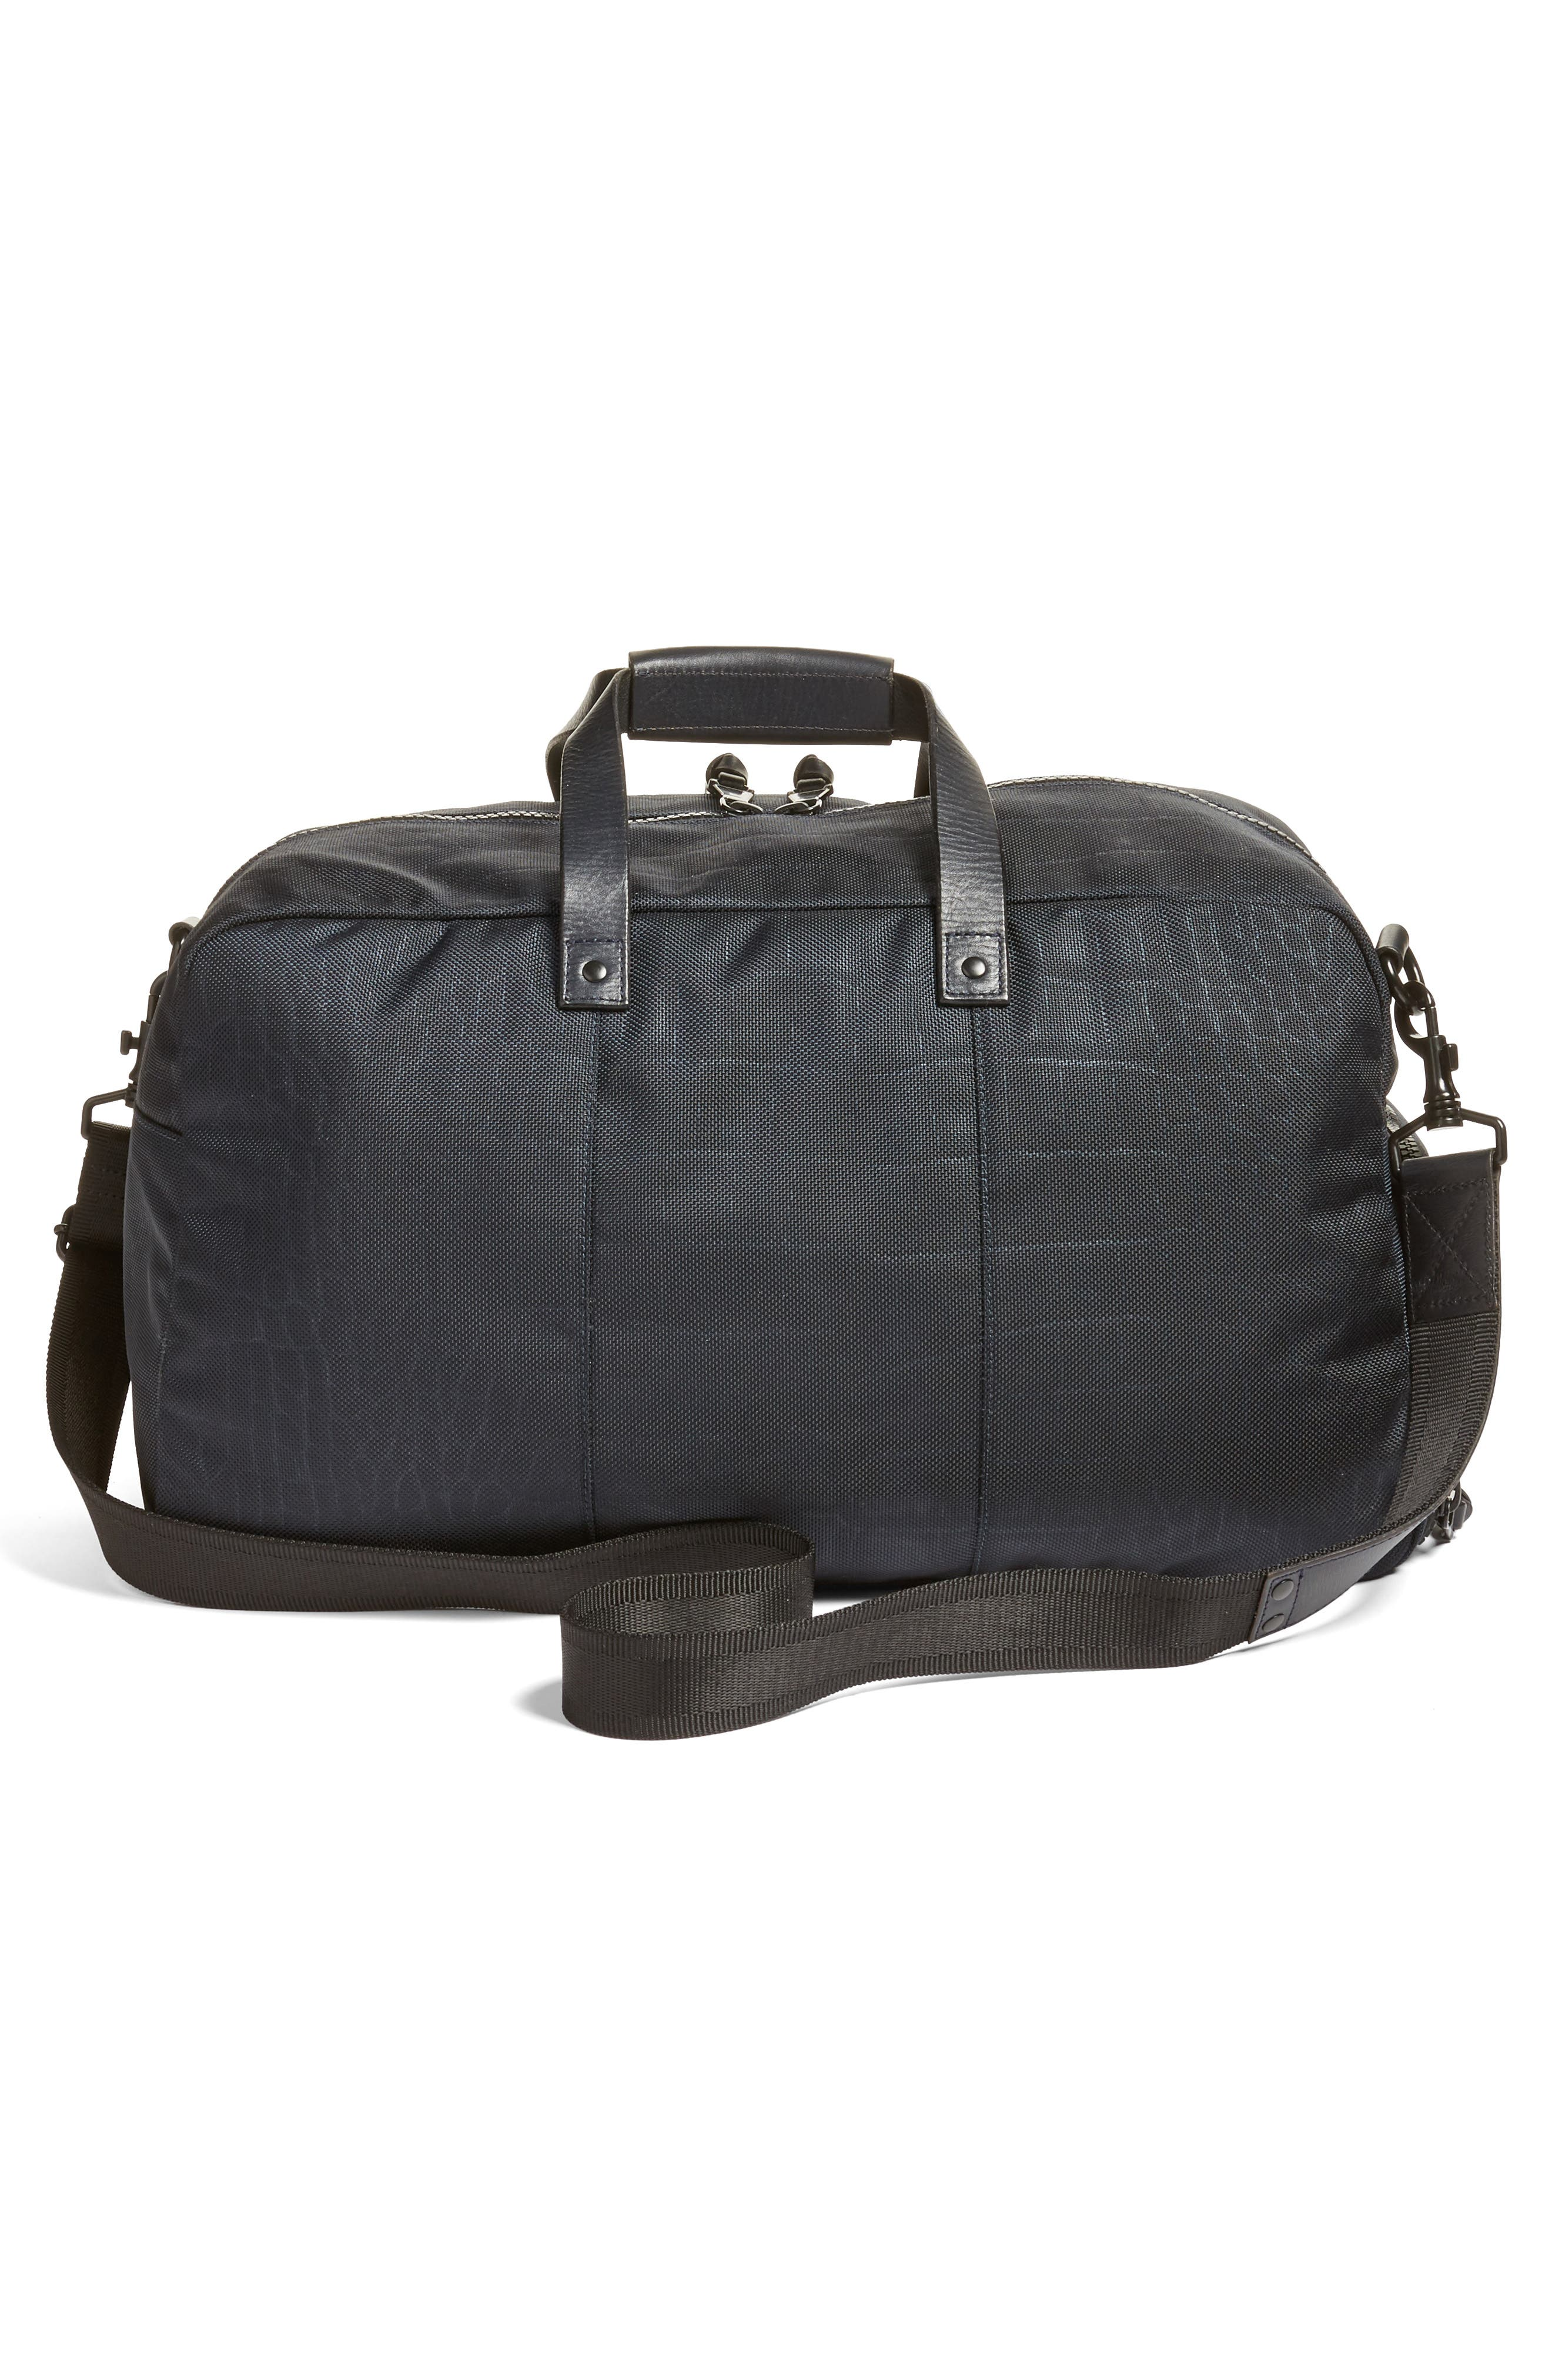 Duffel Bag,                             Alternate thumbnail 3, color,                             412